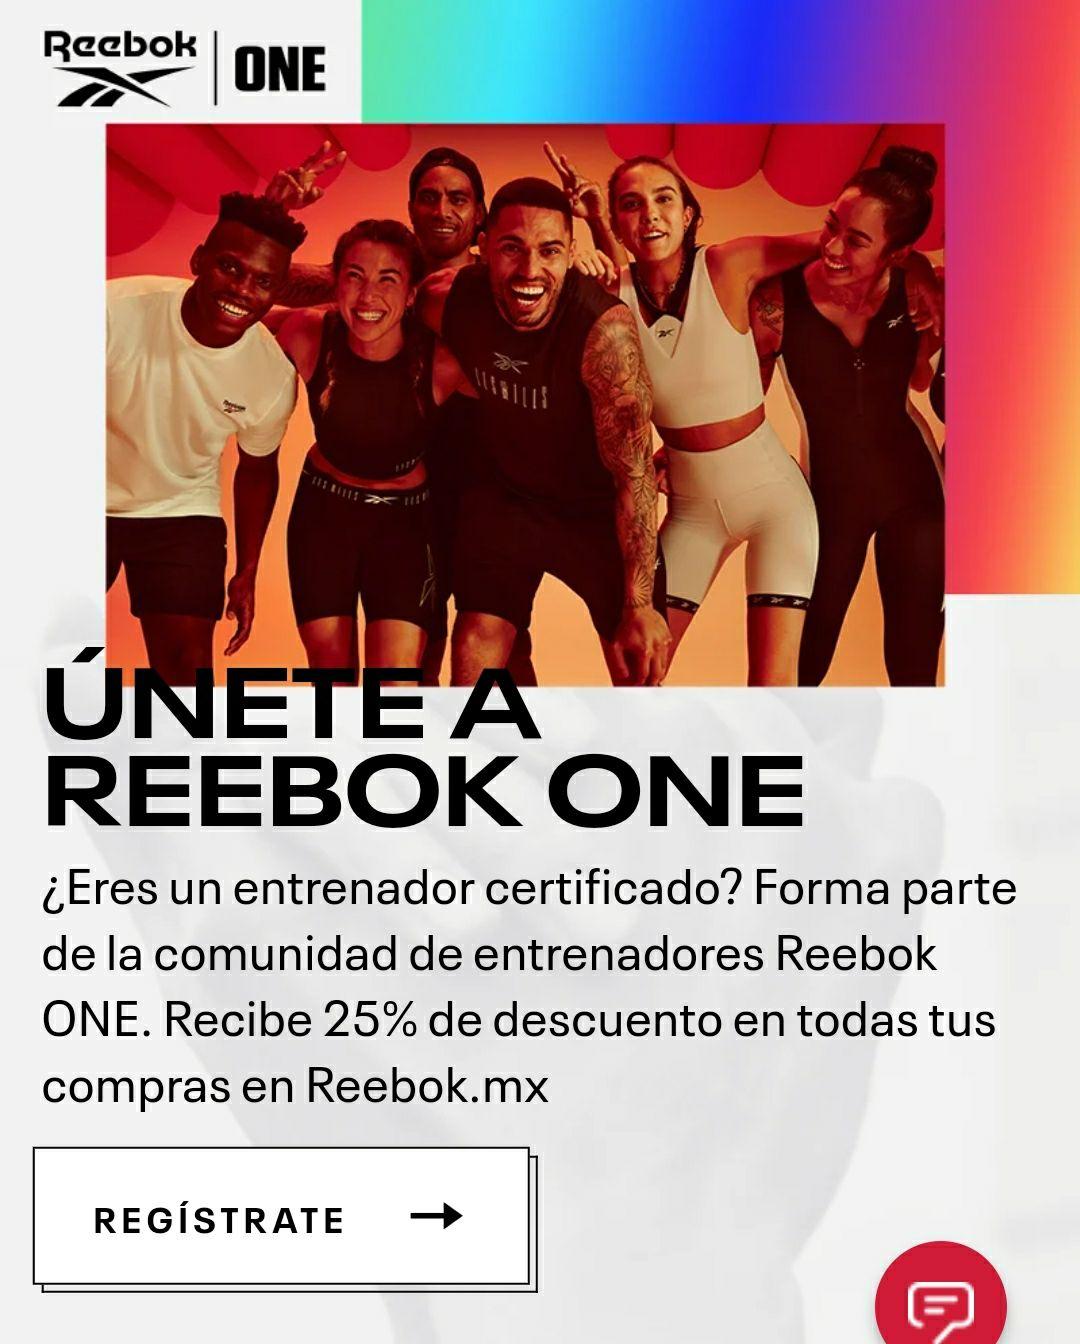 Reebok: únete a Reebok one y recibe 25% de descuento en todas tus compras